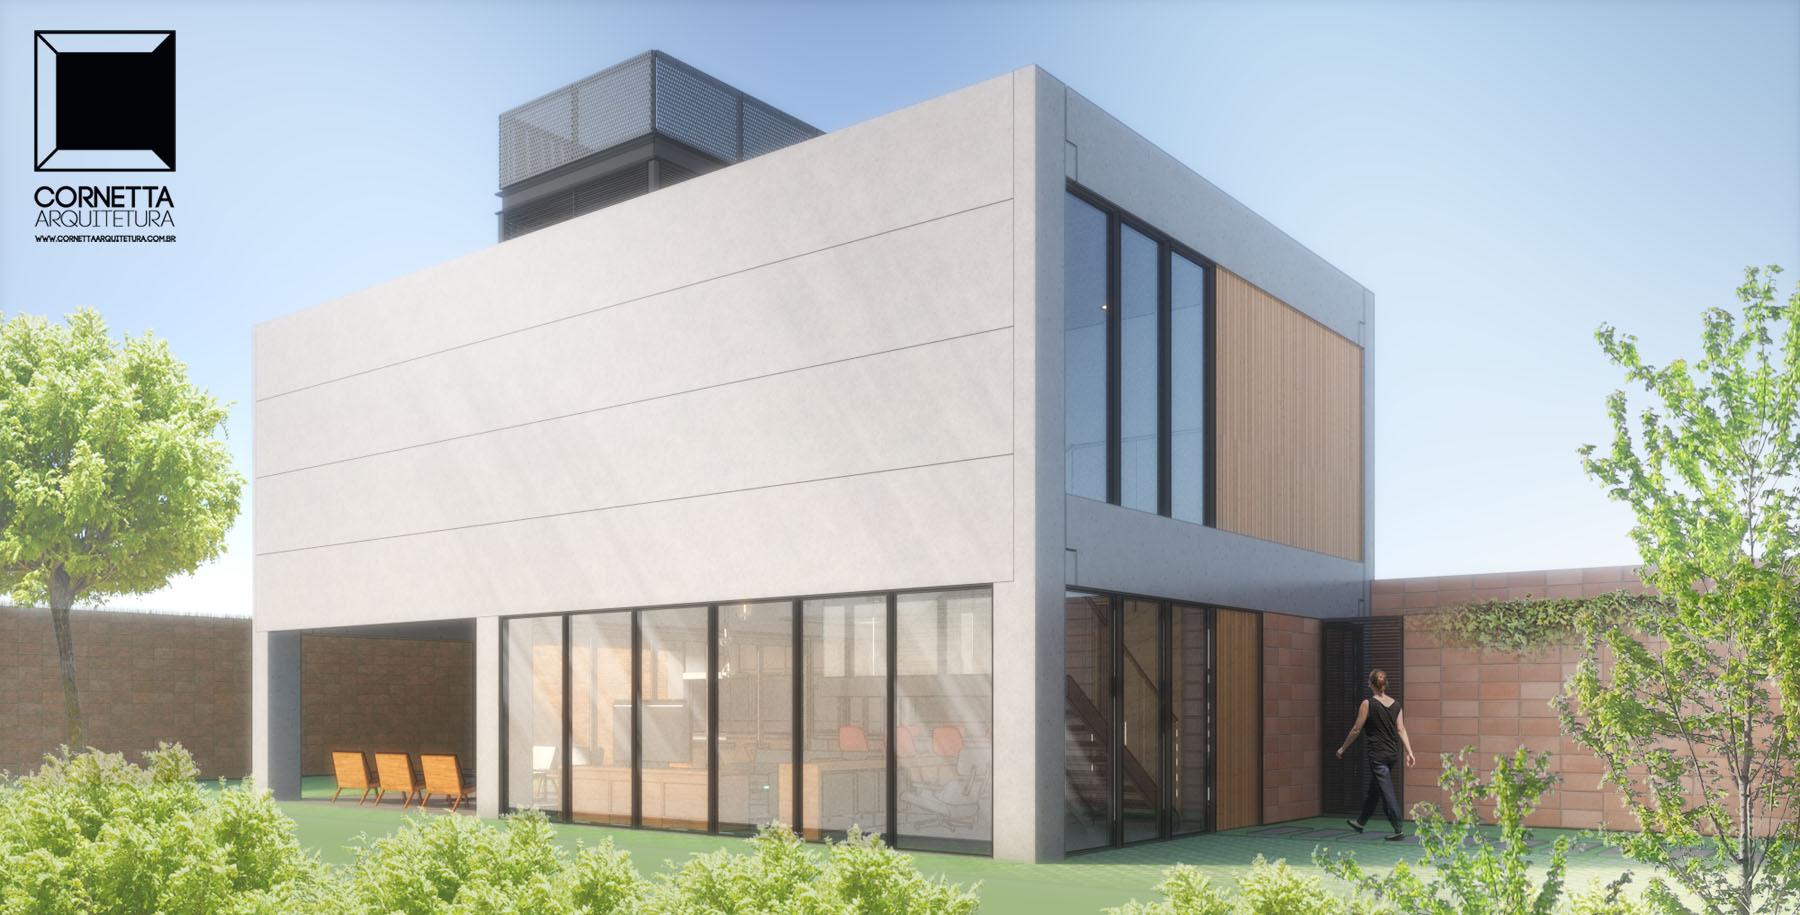 Casa pr moldada lif 2 - Casas de cemento ...